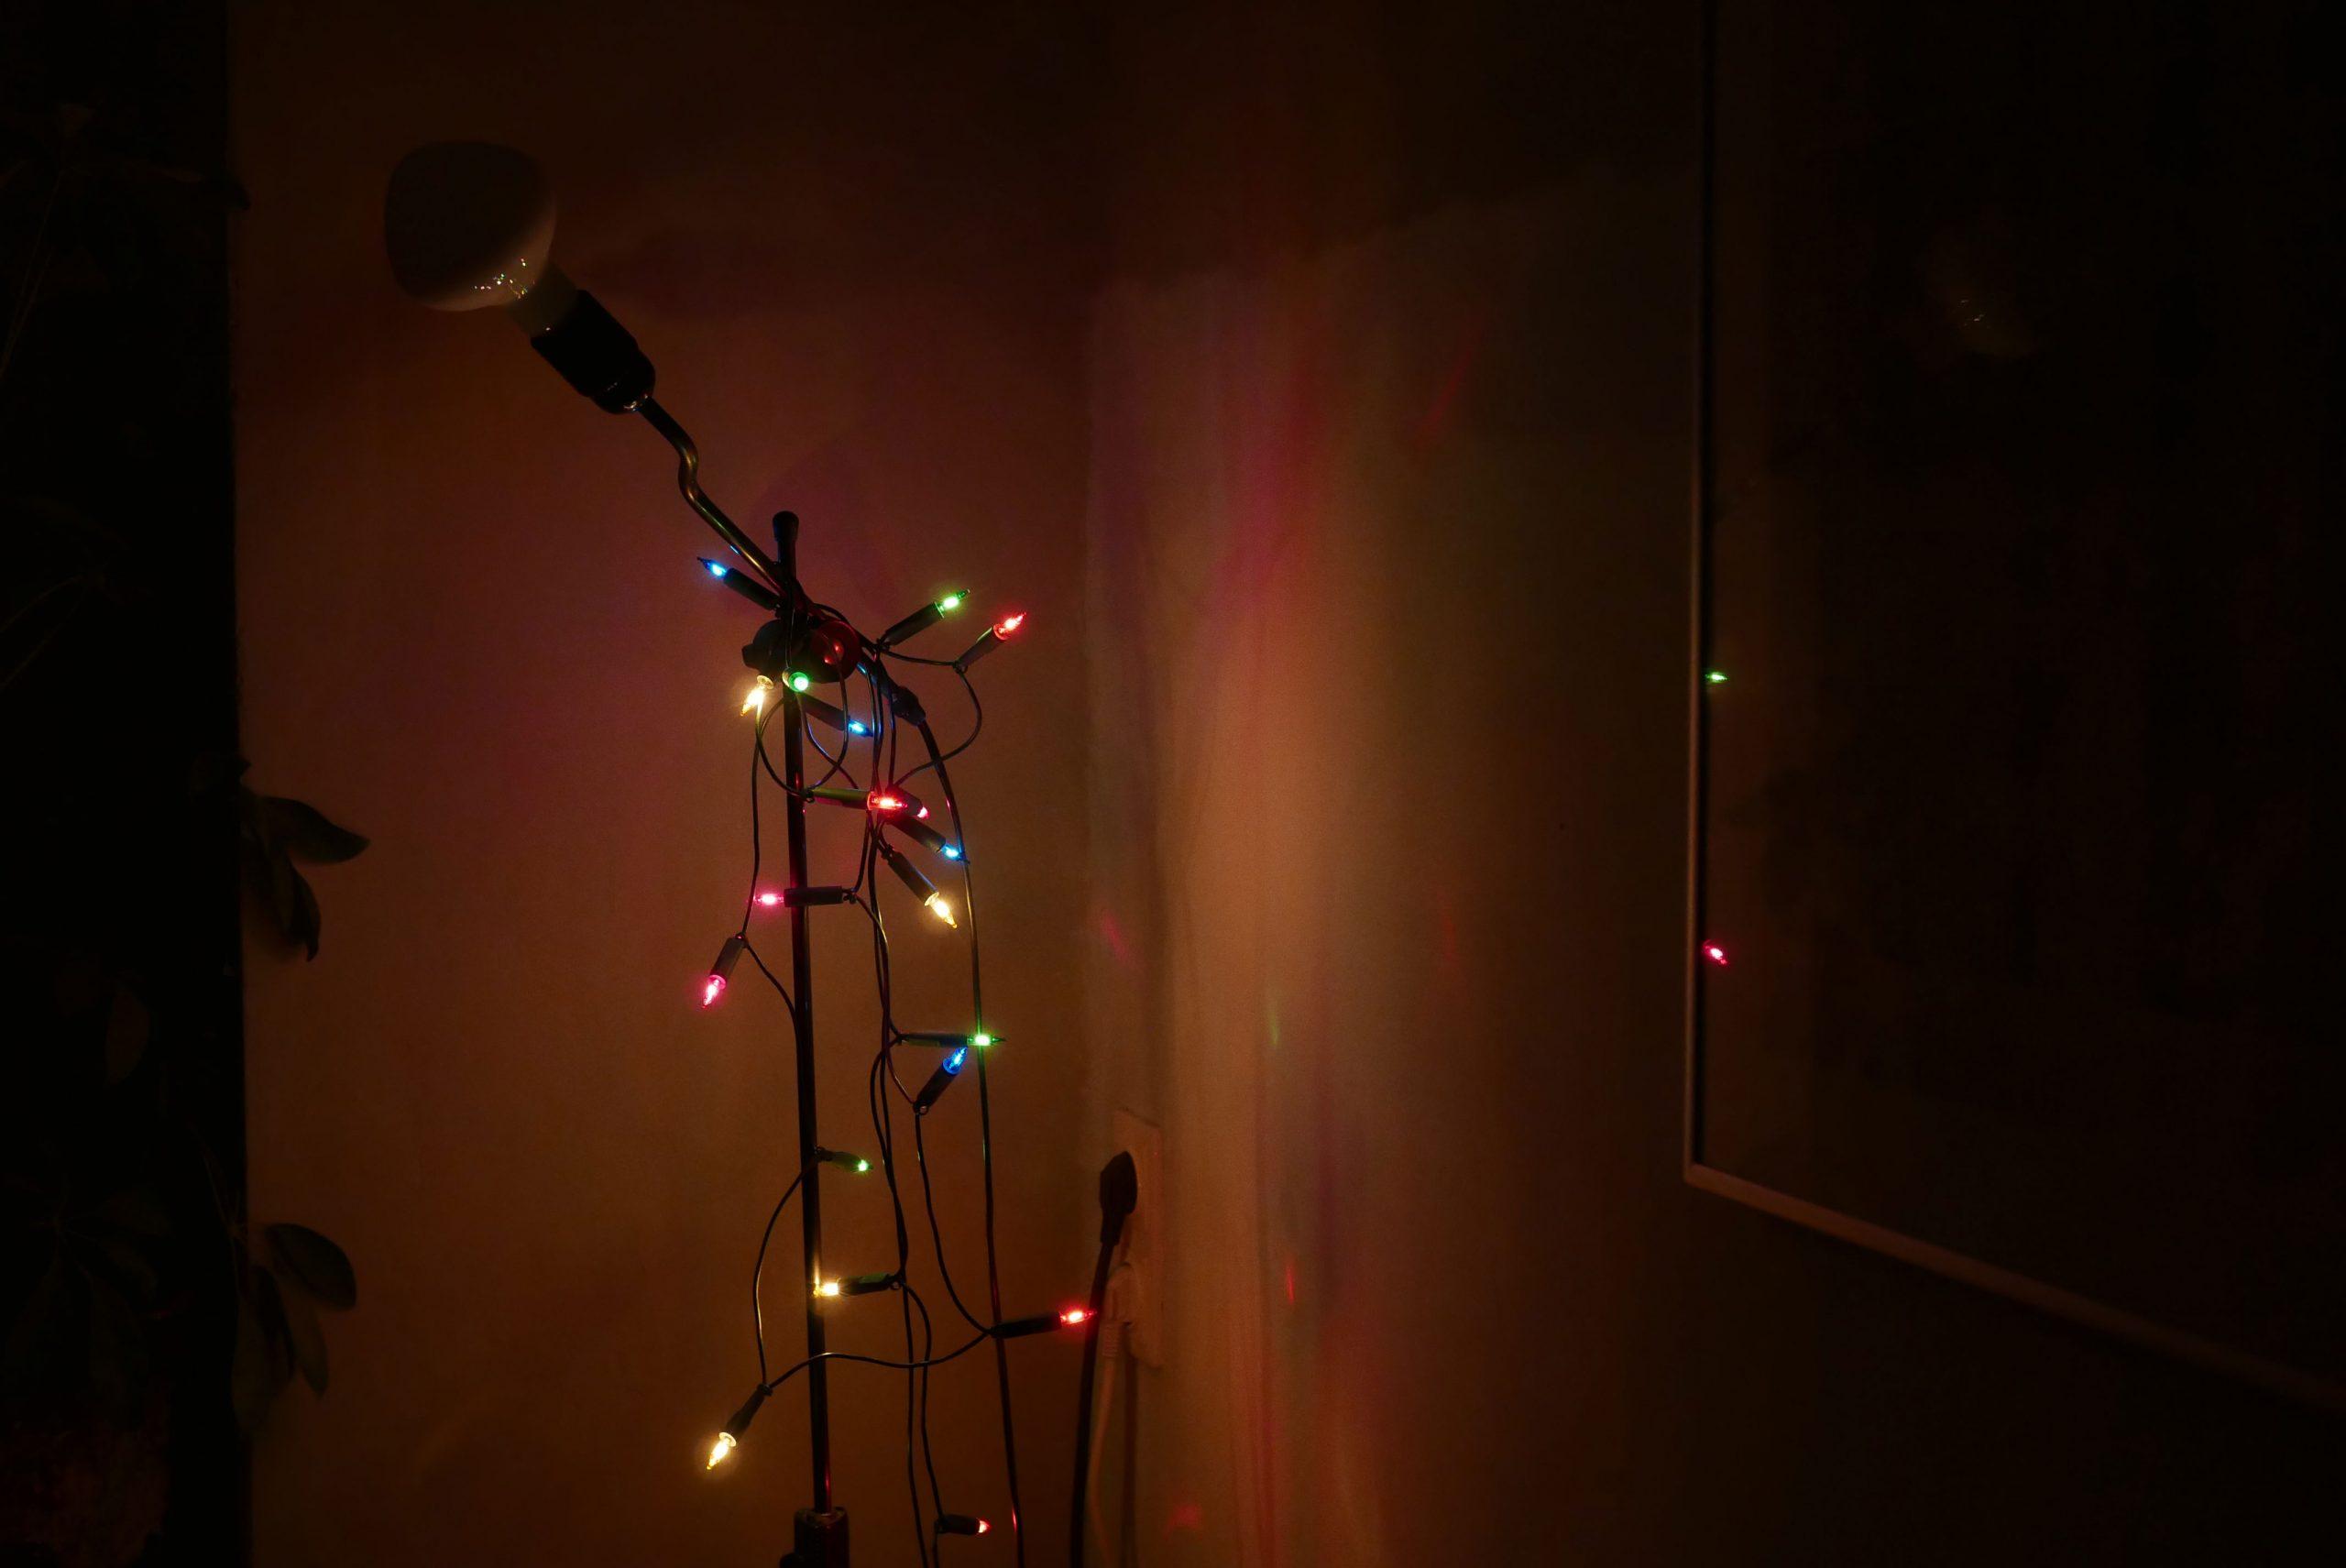 stehleuchte mit weihnachtsbeleuchtung